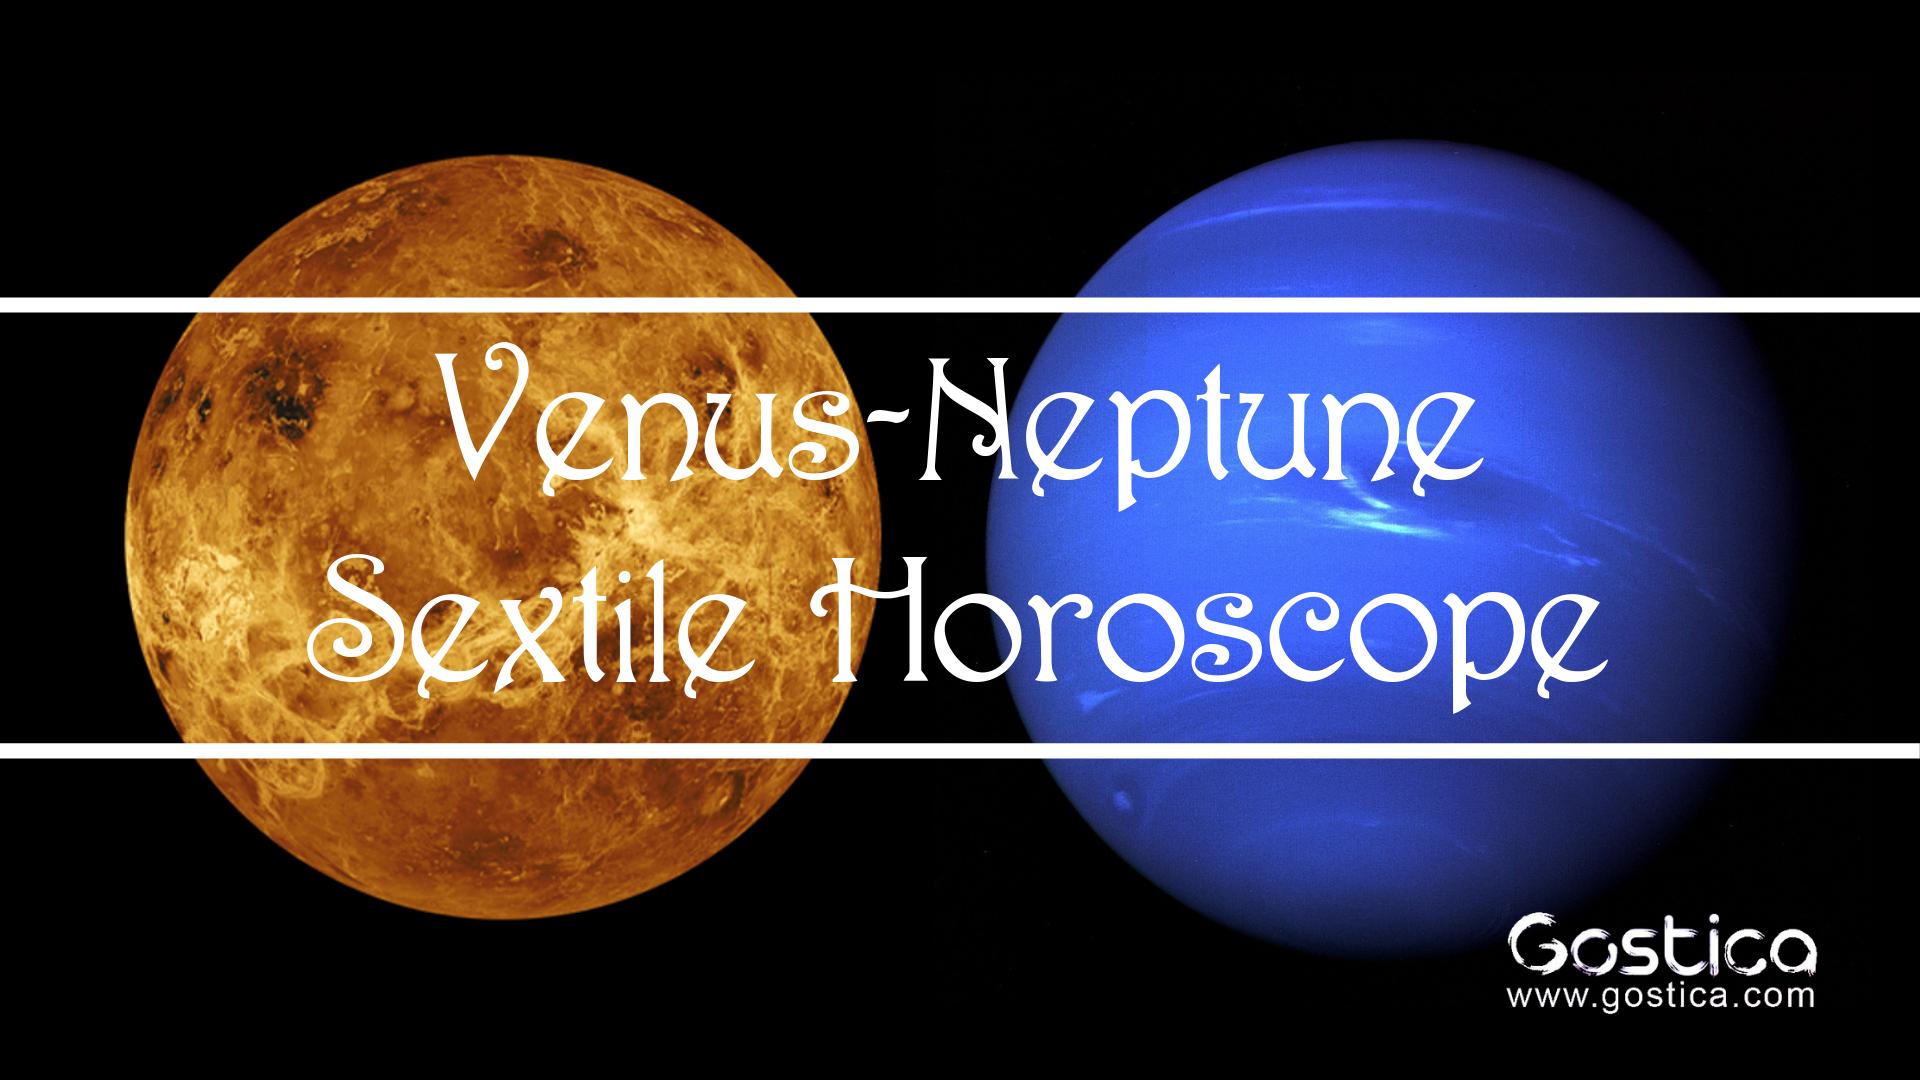 venus-neptune-sextile